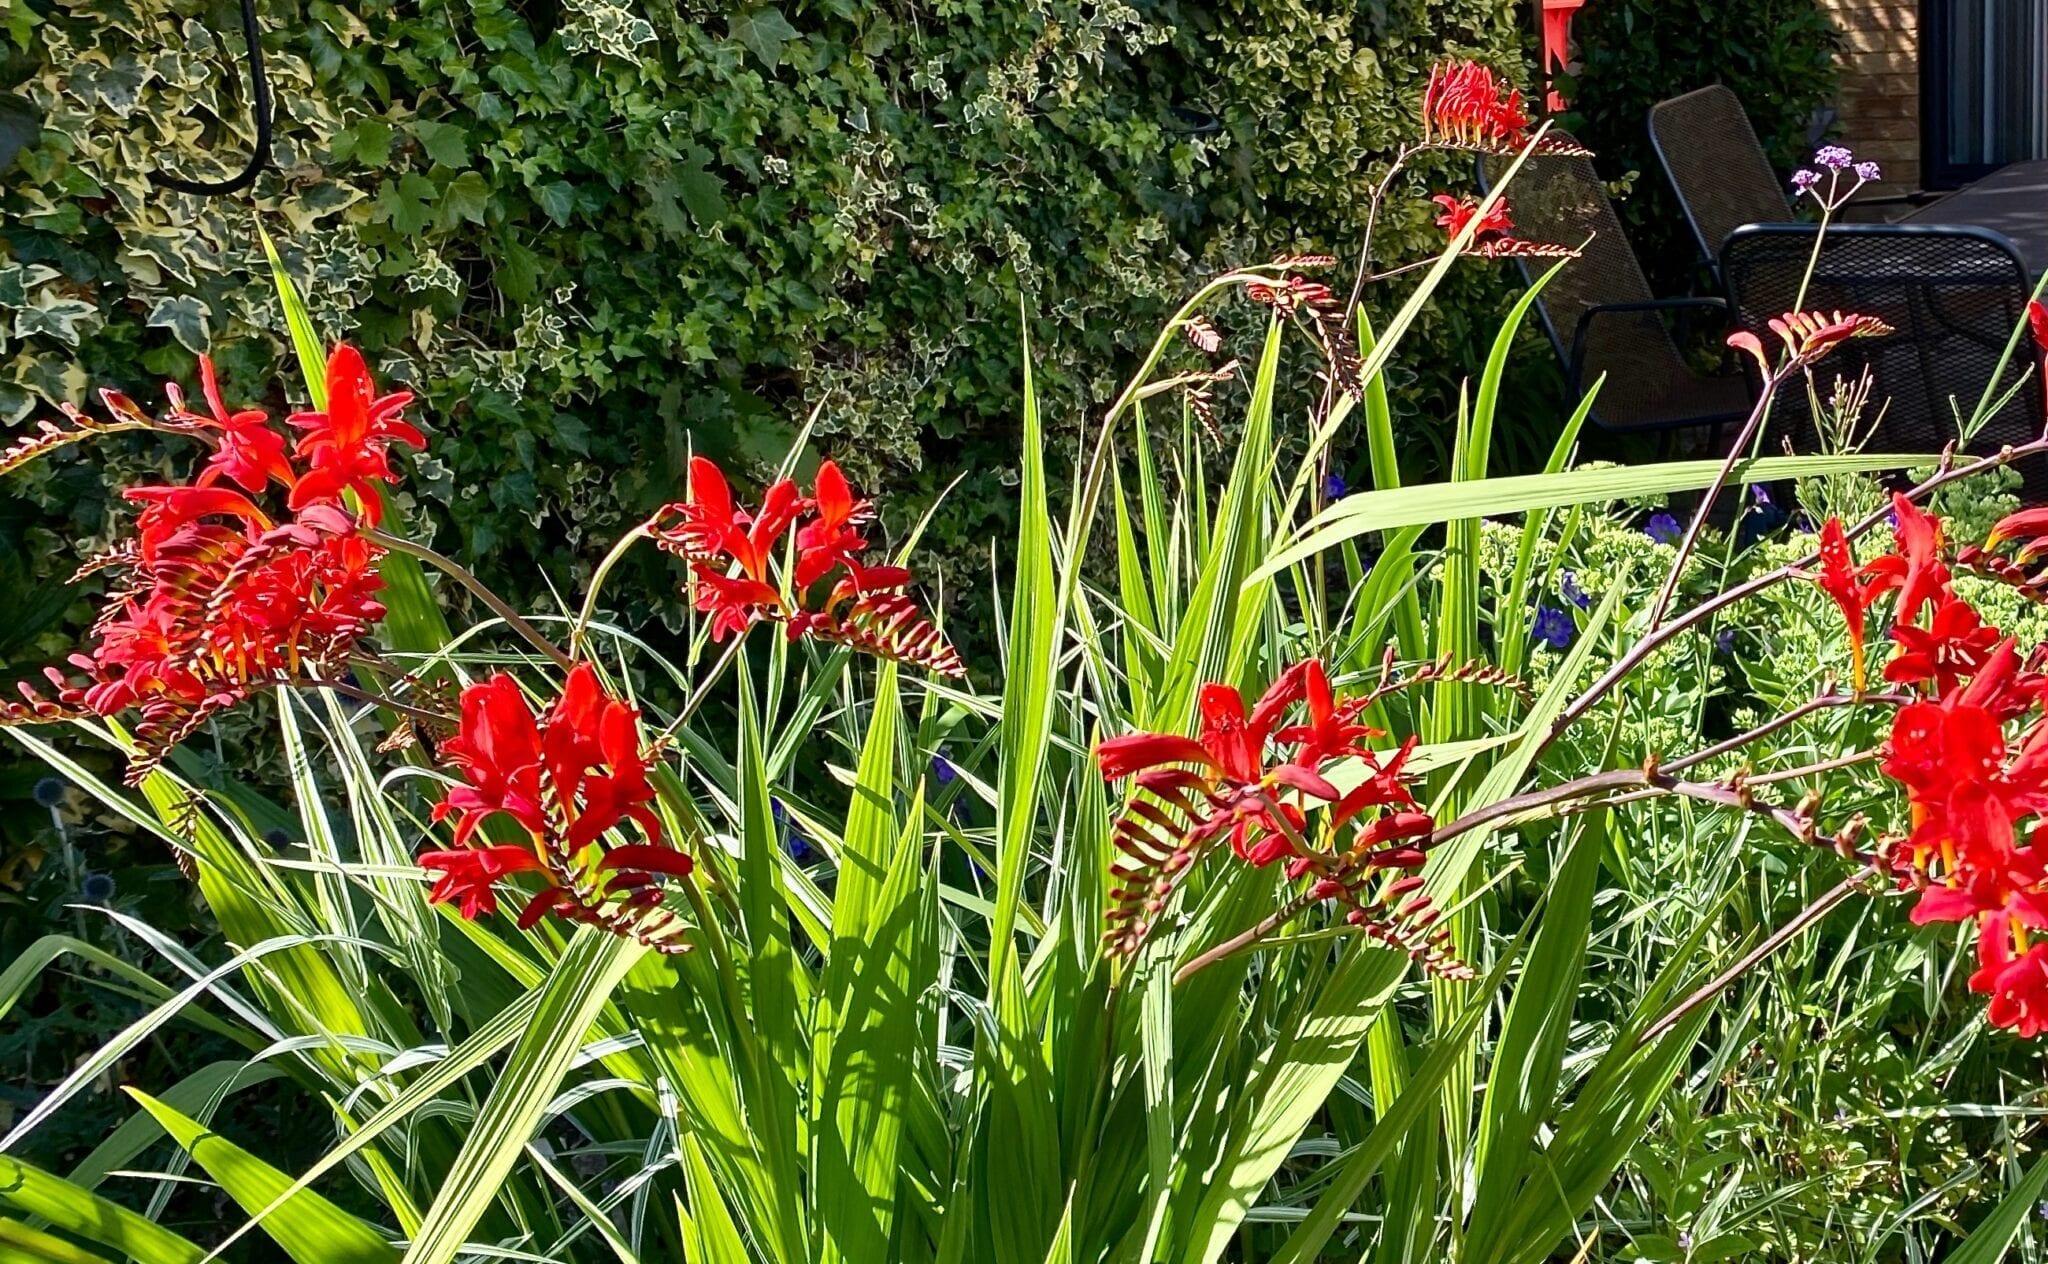 crocosmia in a garden